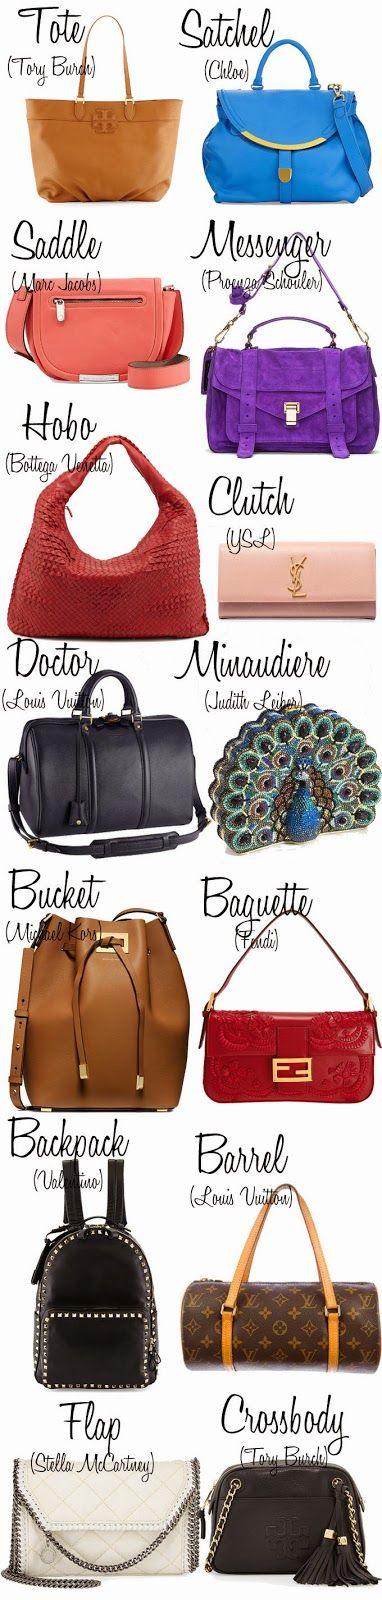 COISINHAS DA ANA: Tipos de bolsas